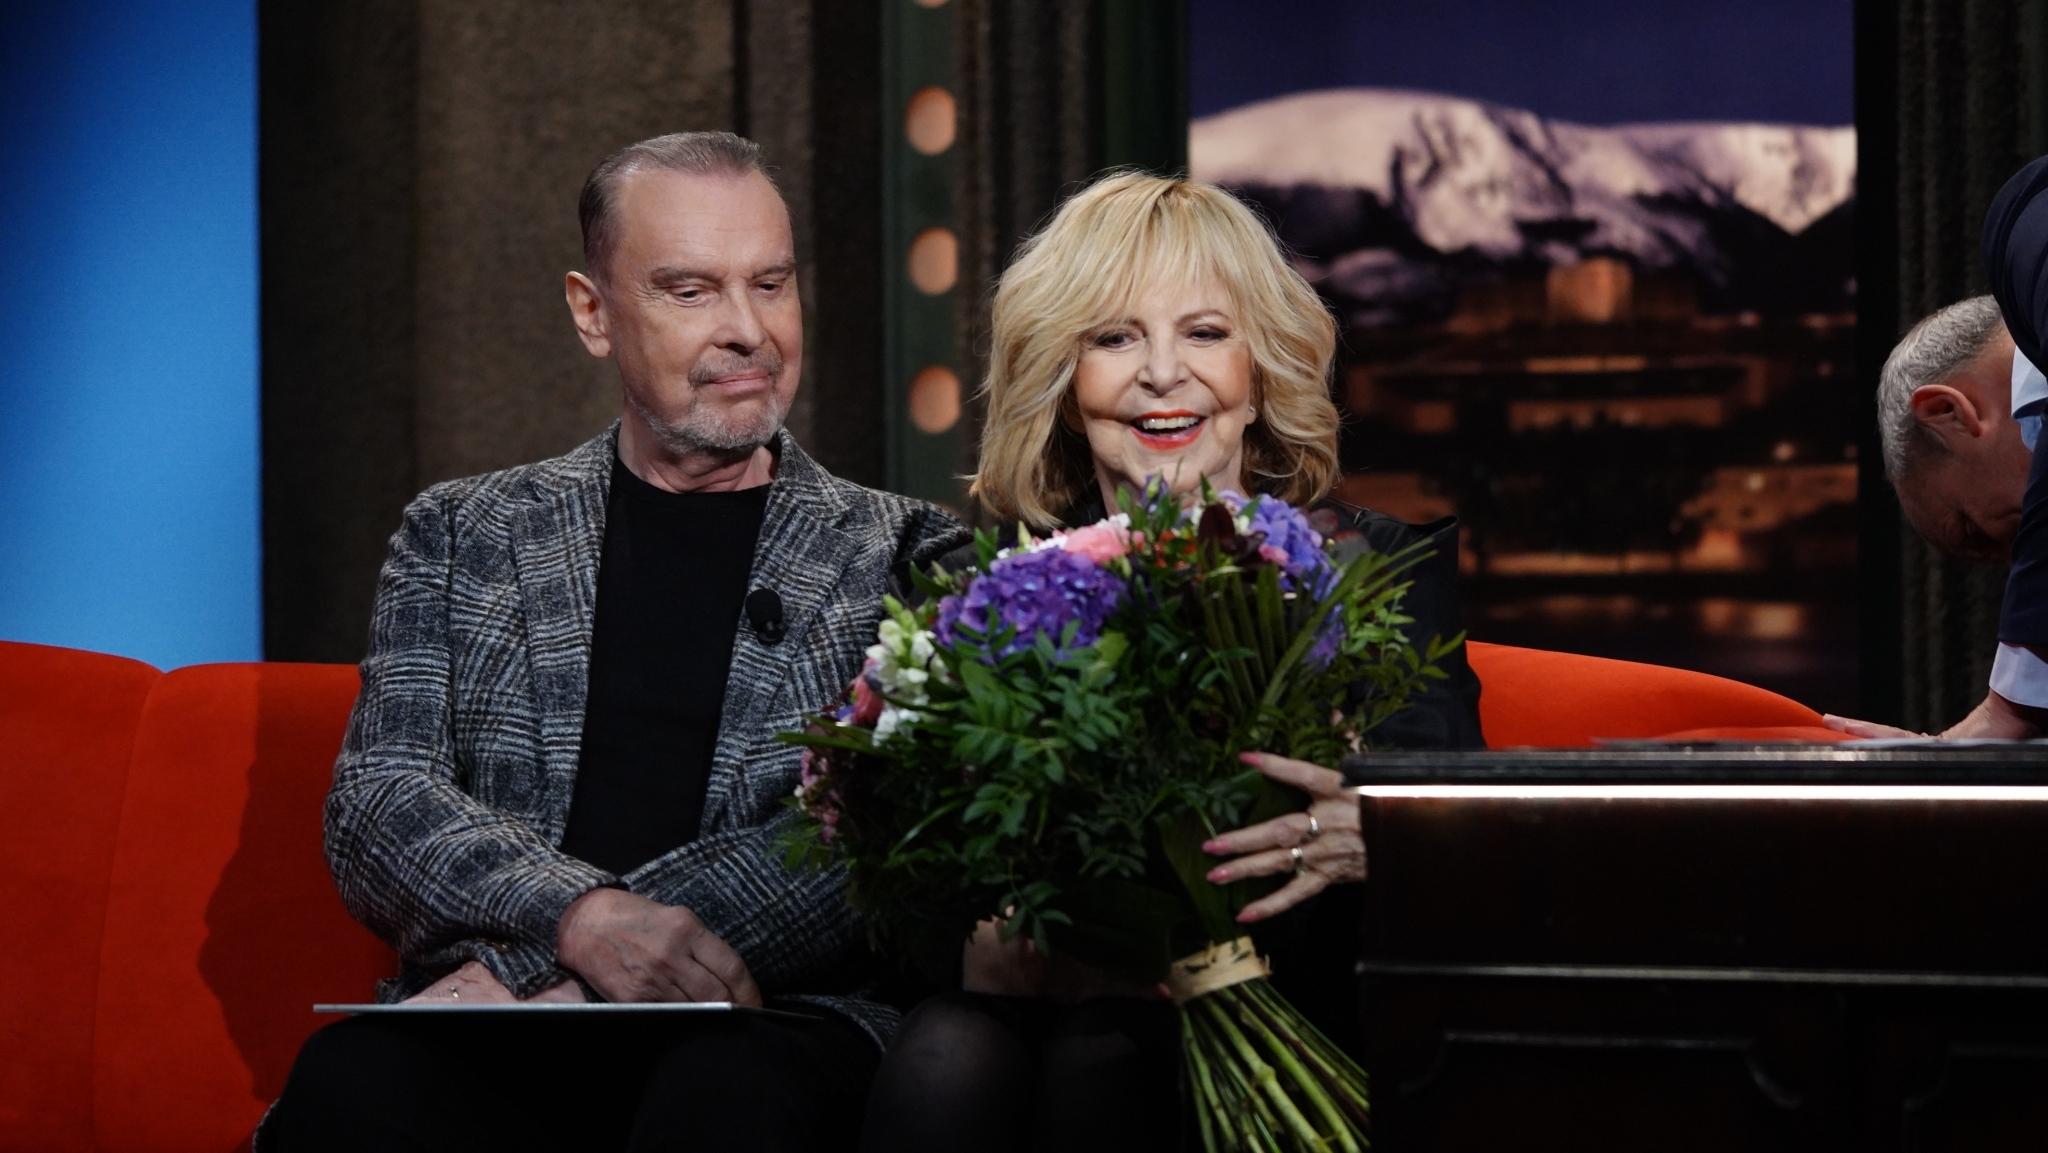 Hana Zagorová a Štefan Margita v Show Jana Krause, 31. díl — 7. 10. 2020